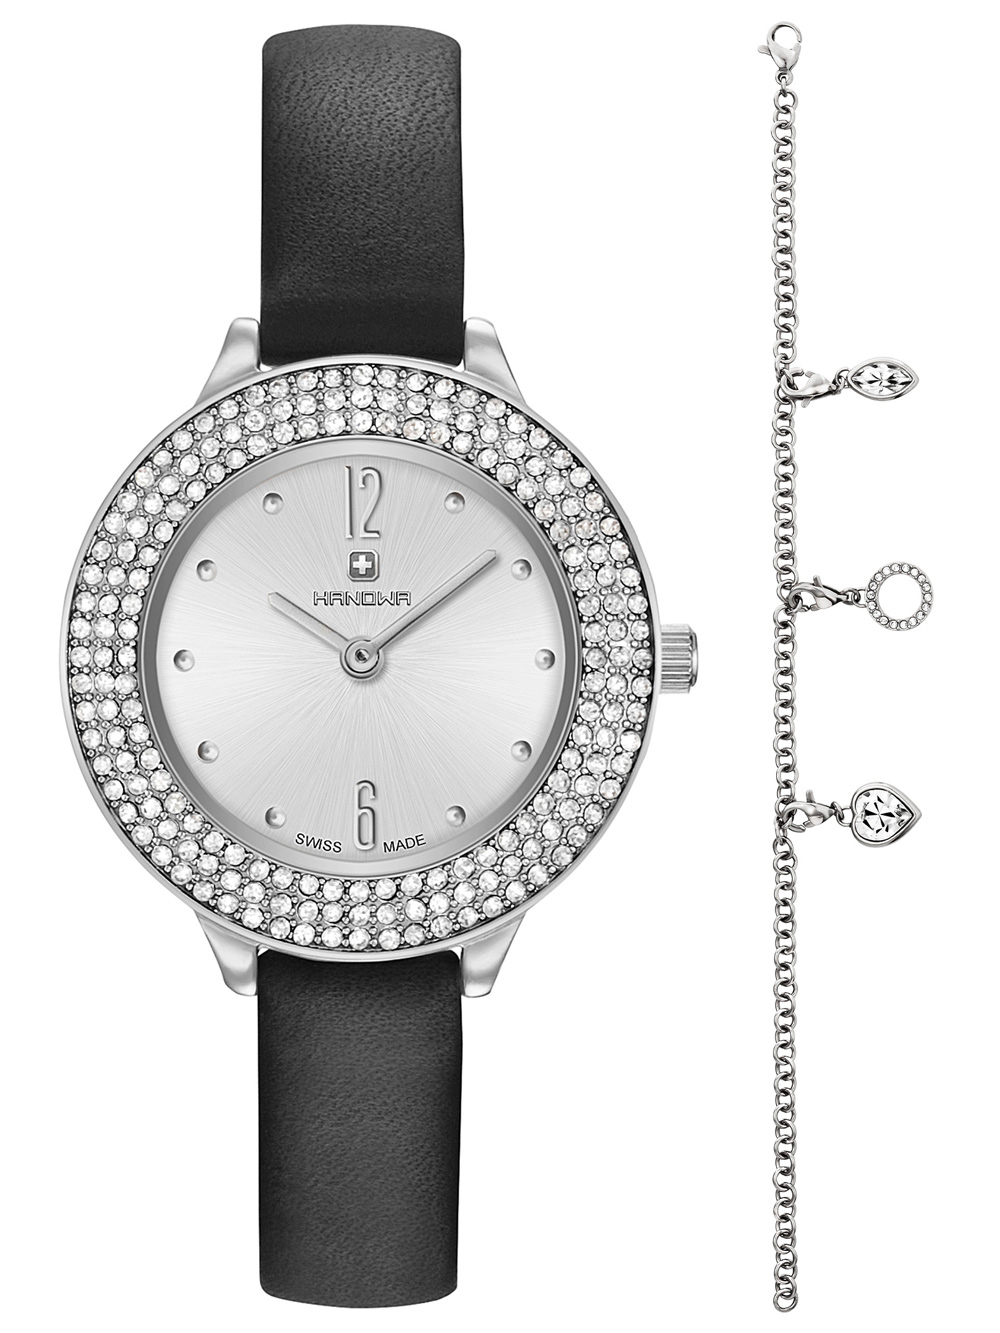 Uhren - Hanowa 16 8008.04.001SET Alessia Set mit Armkettchen Damen 30mm 3ATM  - Onlineshop Timeshop24